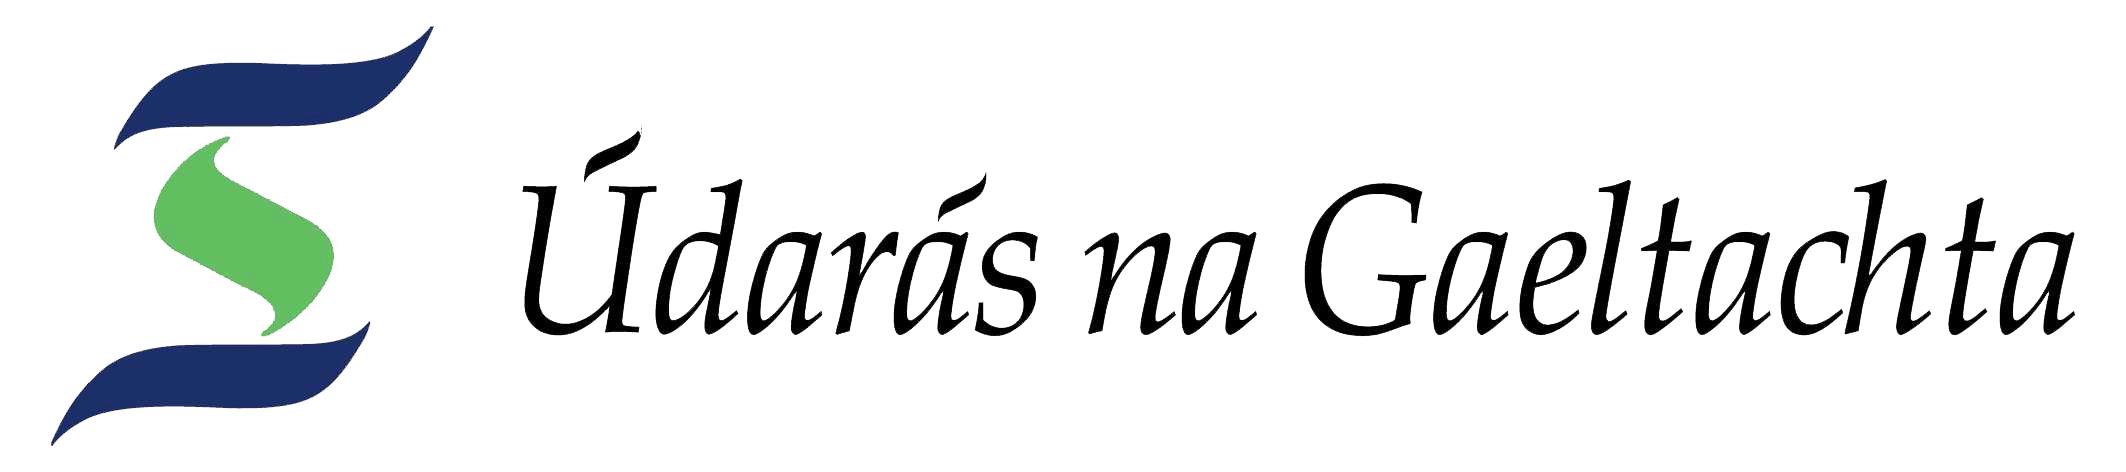 Údarás na Gaeltachta Logo-Transparent